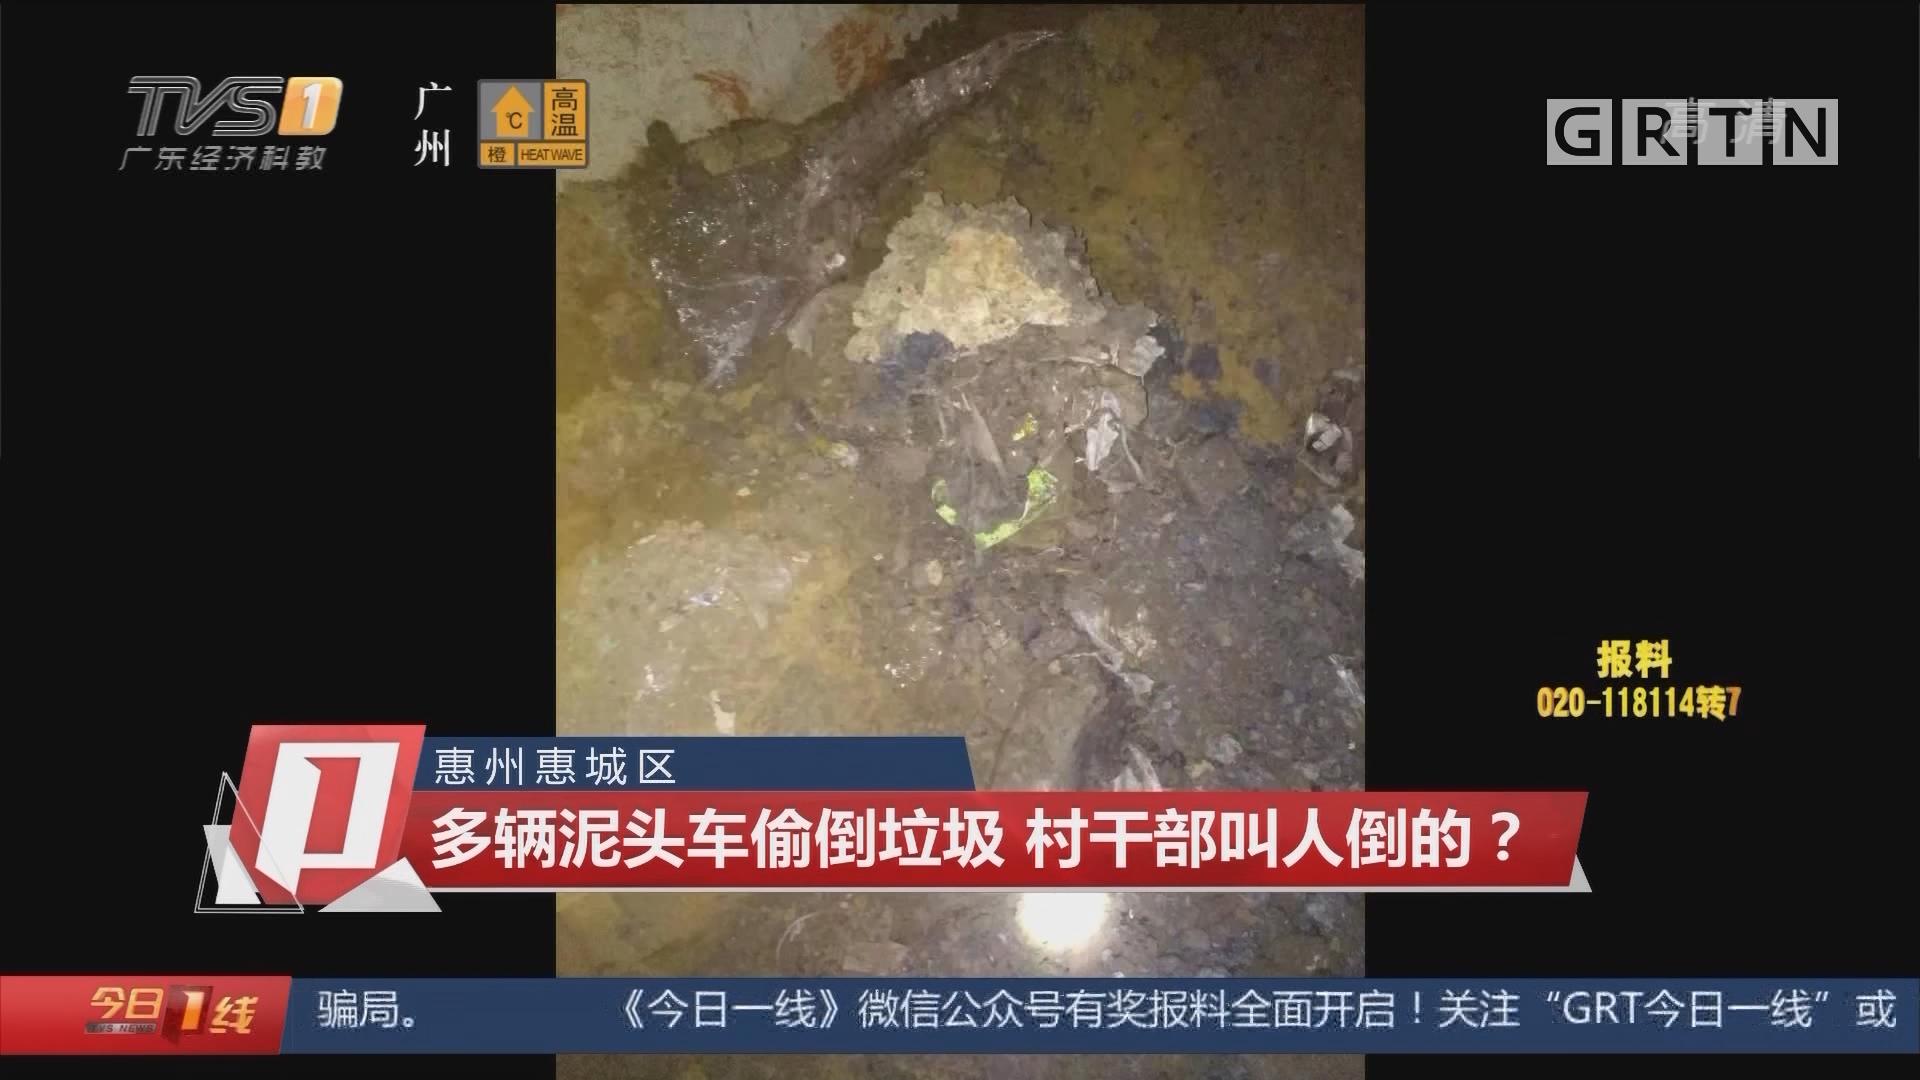 惠州惠城区:多辆泥头车偷倒垃圾 村干部叫人倒的?